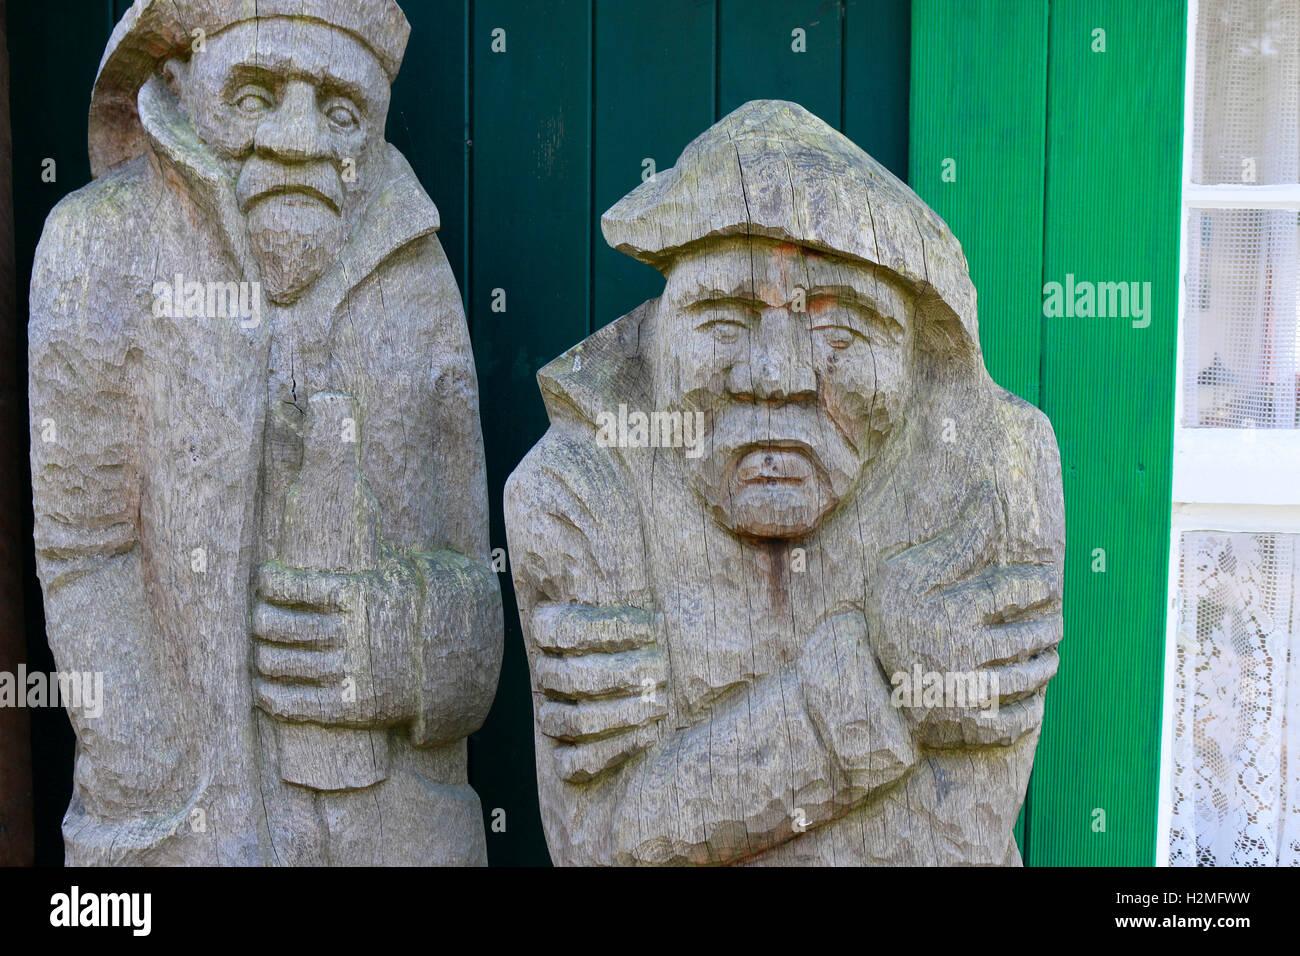 Skulpturengarten, Hiddensee. - Stock Image